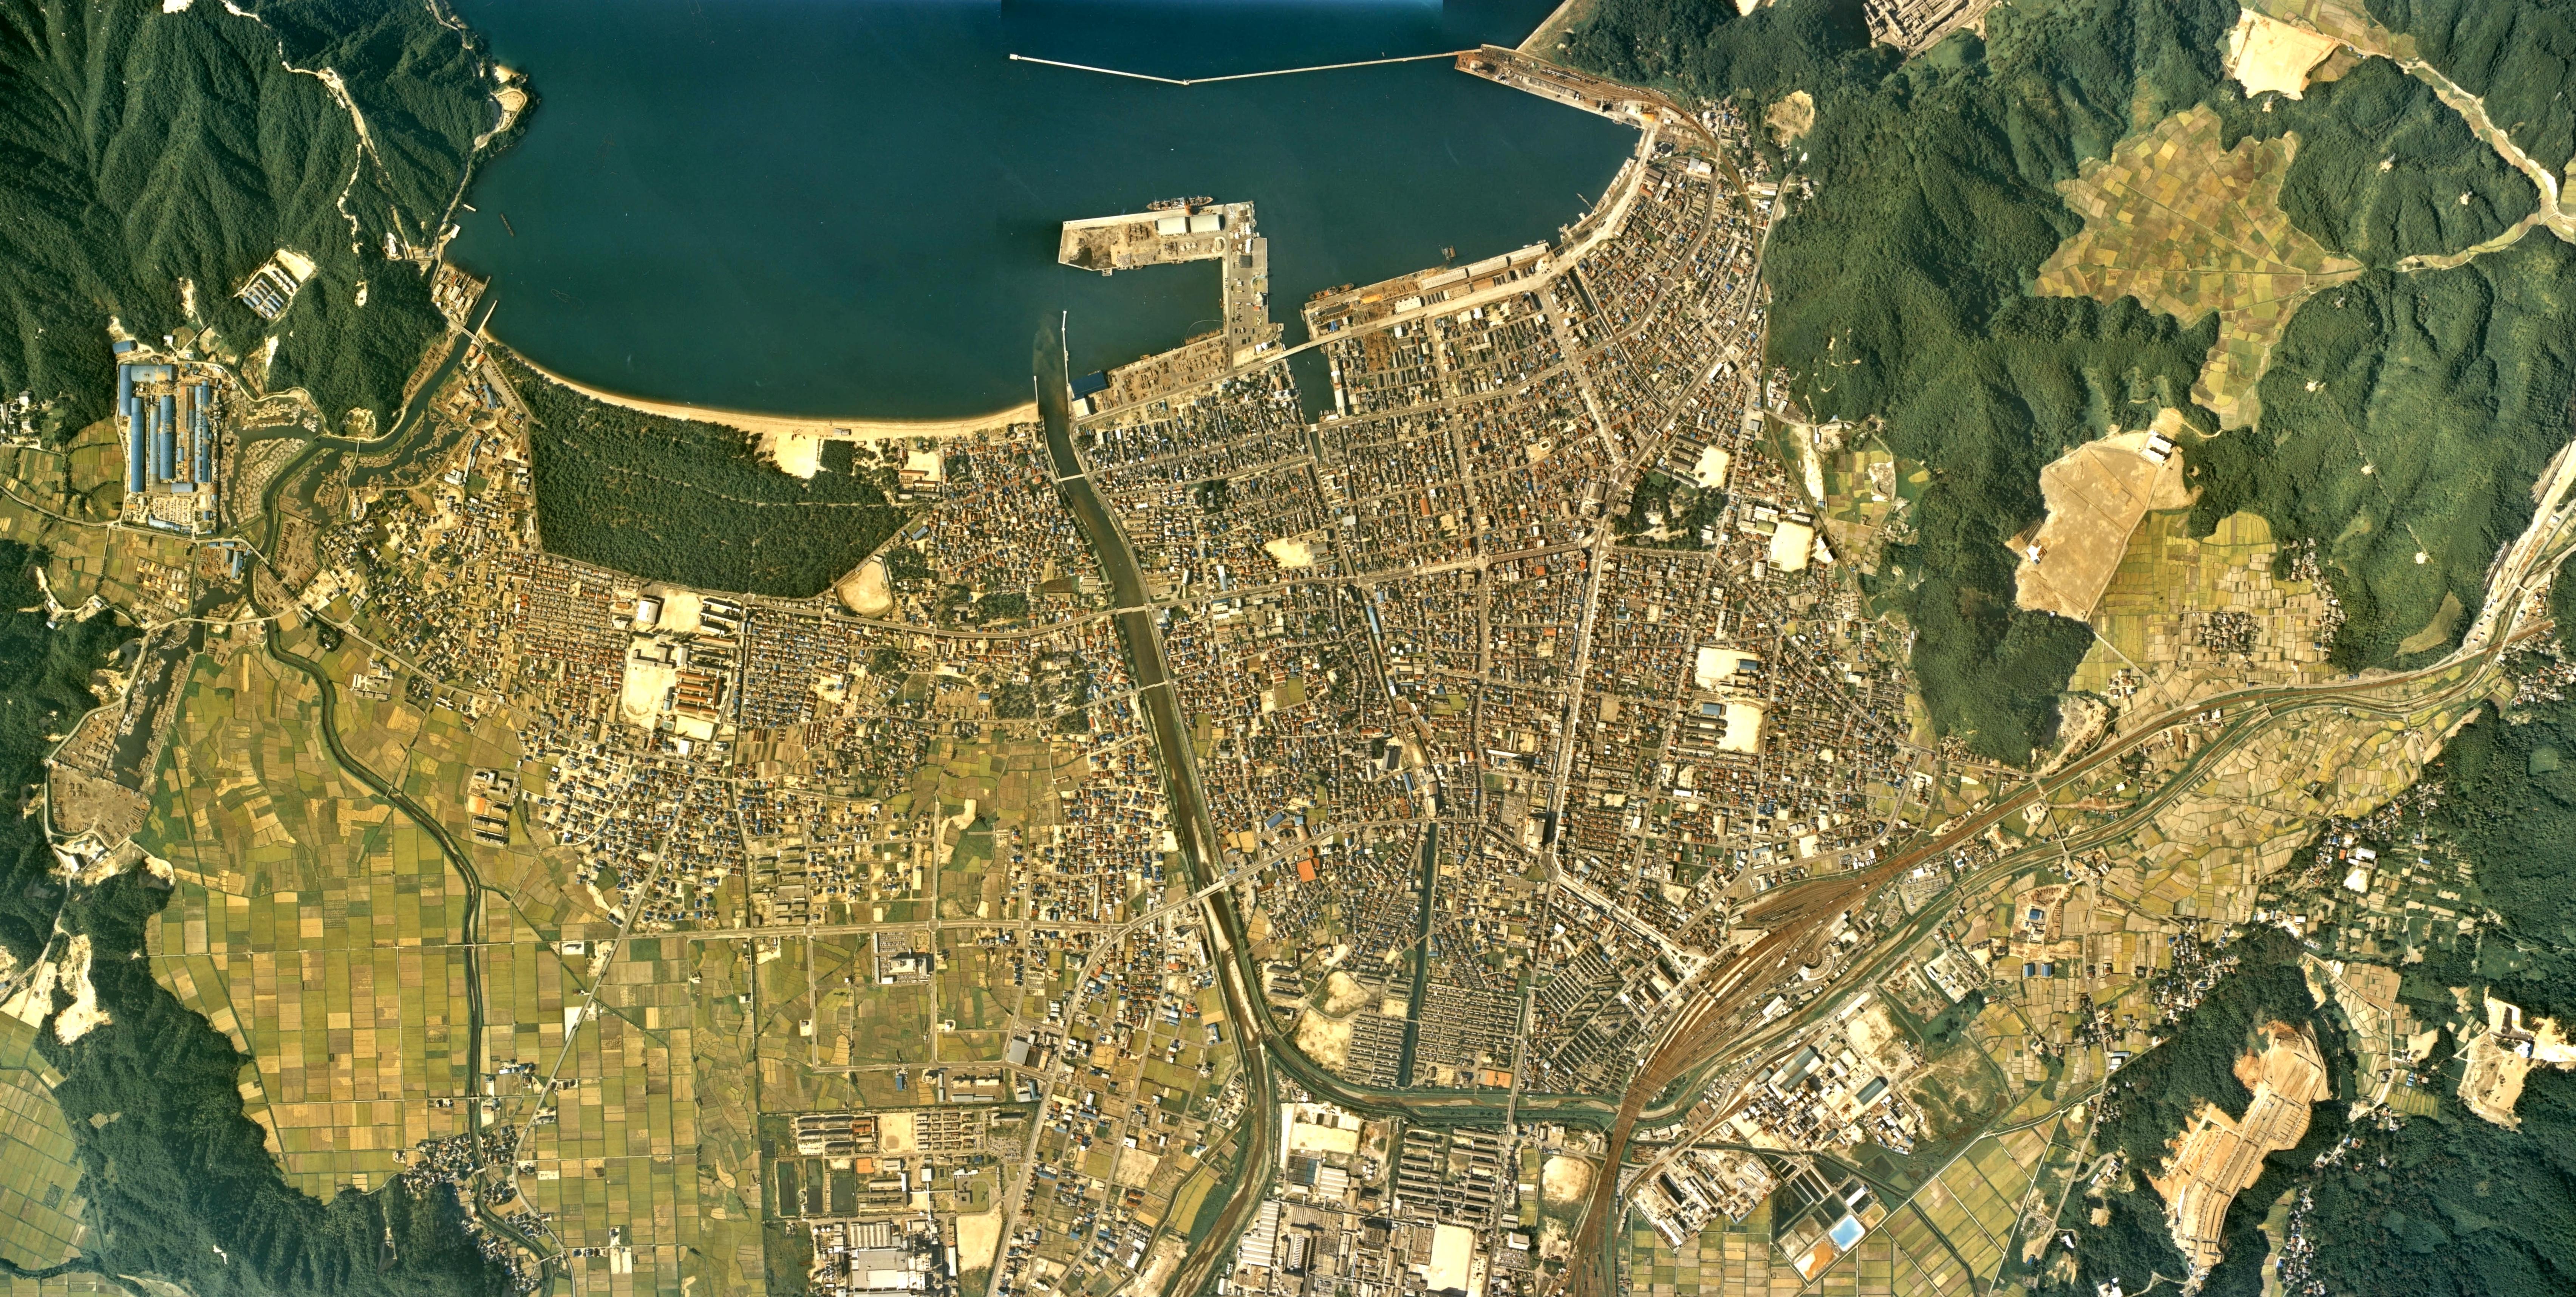 ファイル:Tsuruga city center area Aerial photograph.1975.jpg